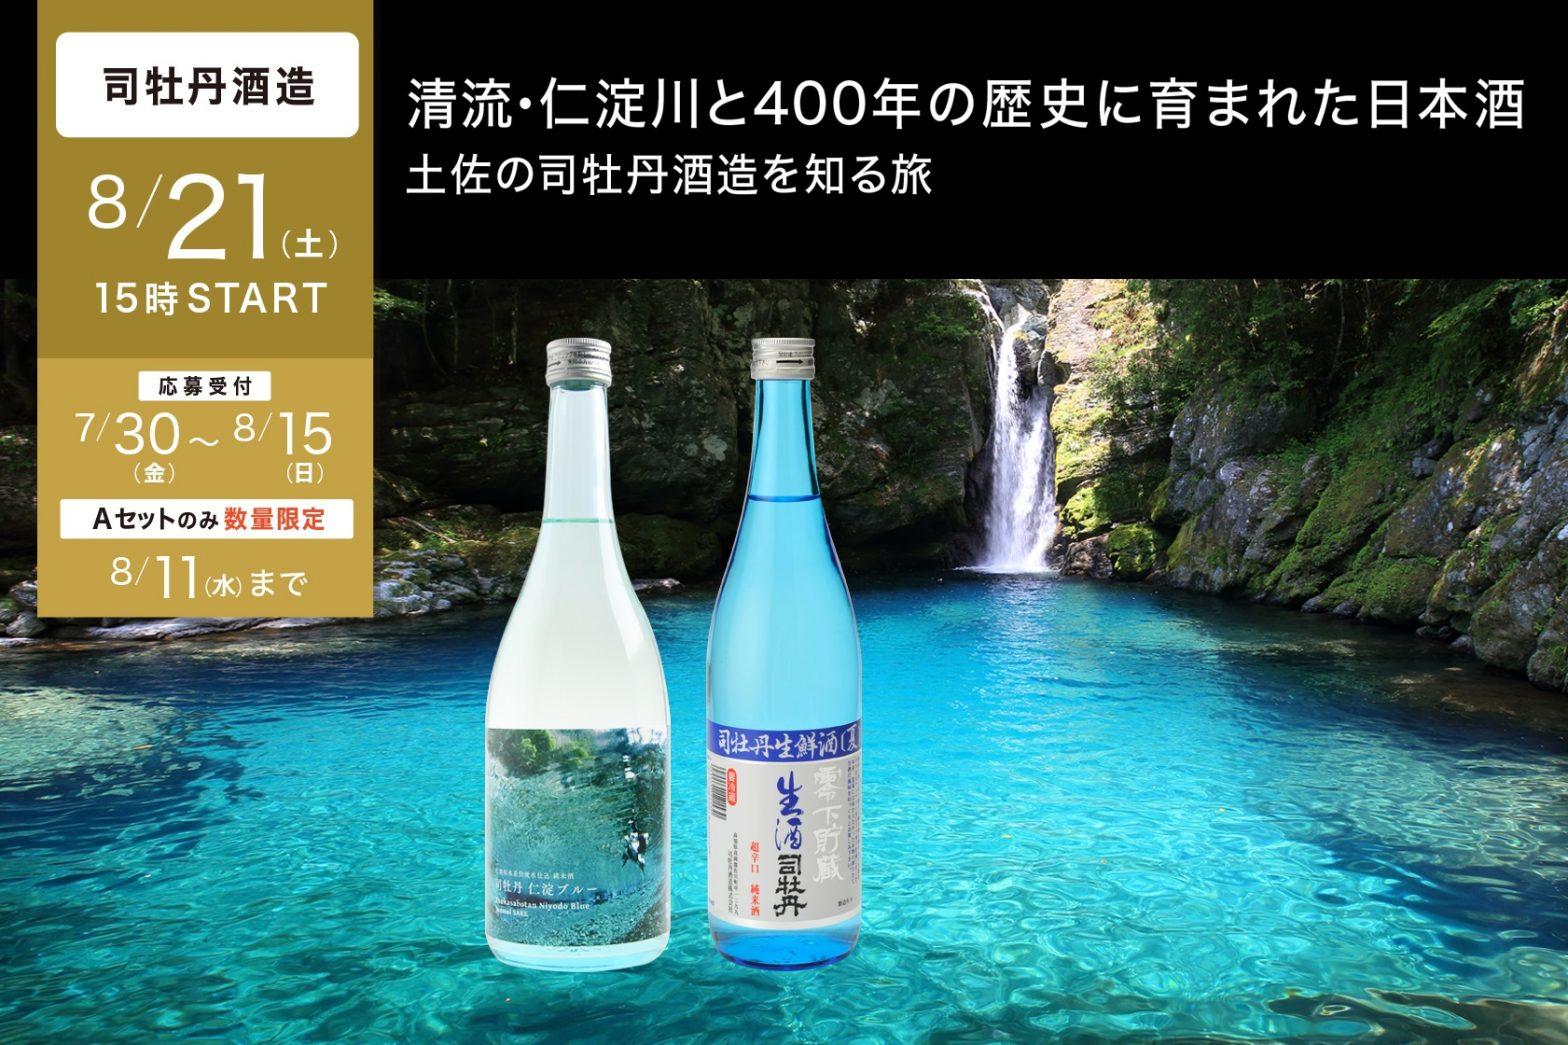 8/21 清流・仁淀川と400年の歴史に育まれた日本酒、土佐の司牡丹酒造を知る旅